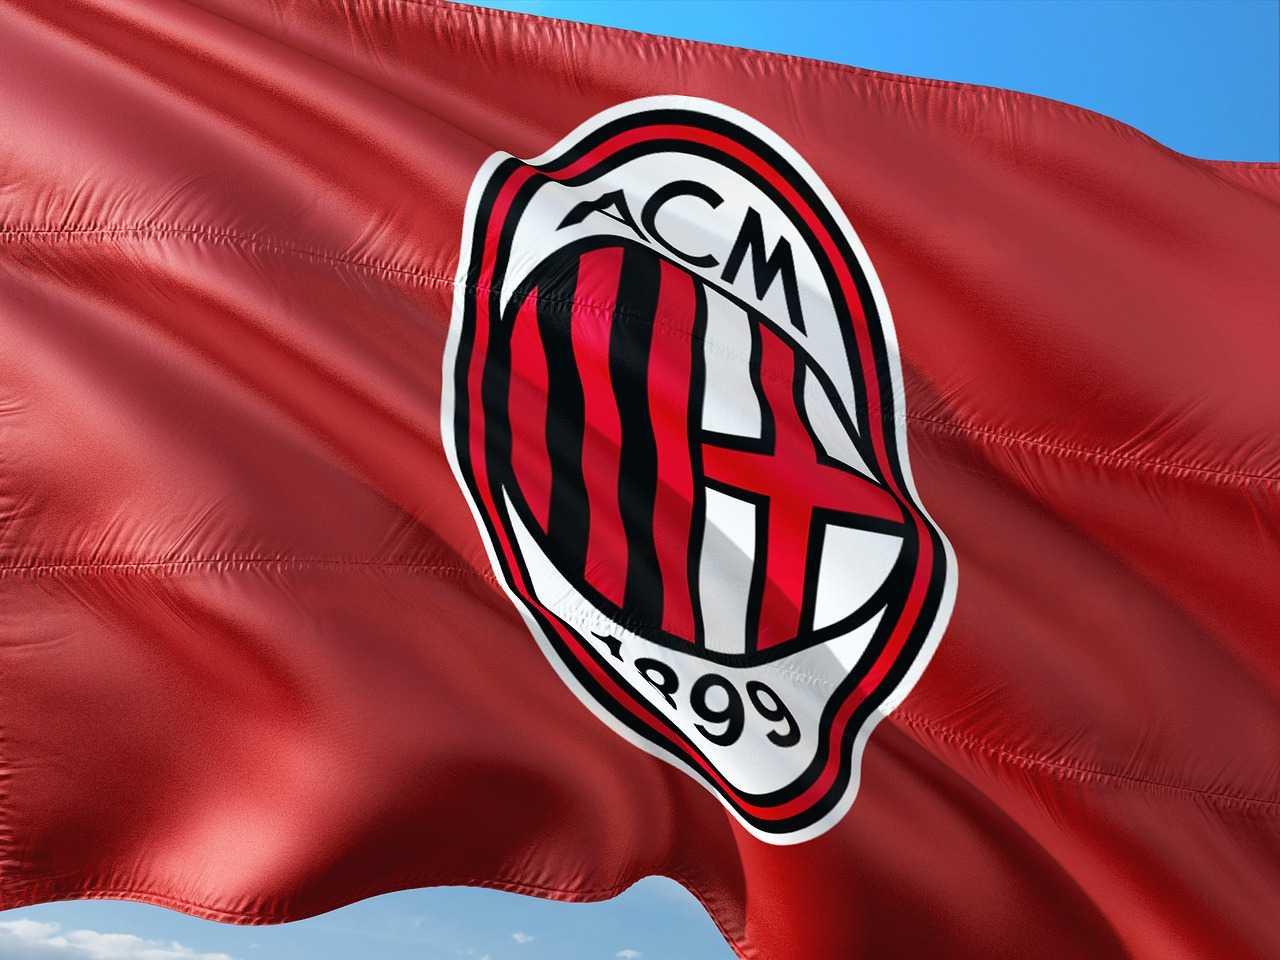 Le squadre più antiche d'Italia: quali sono le prime